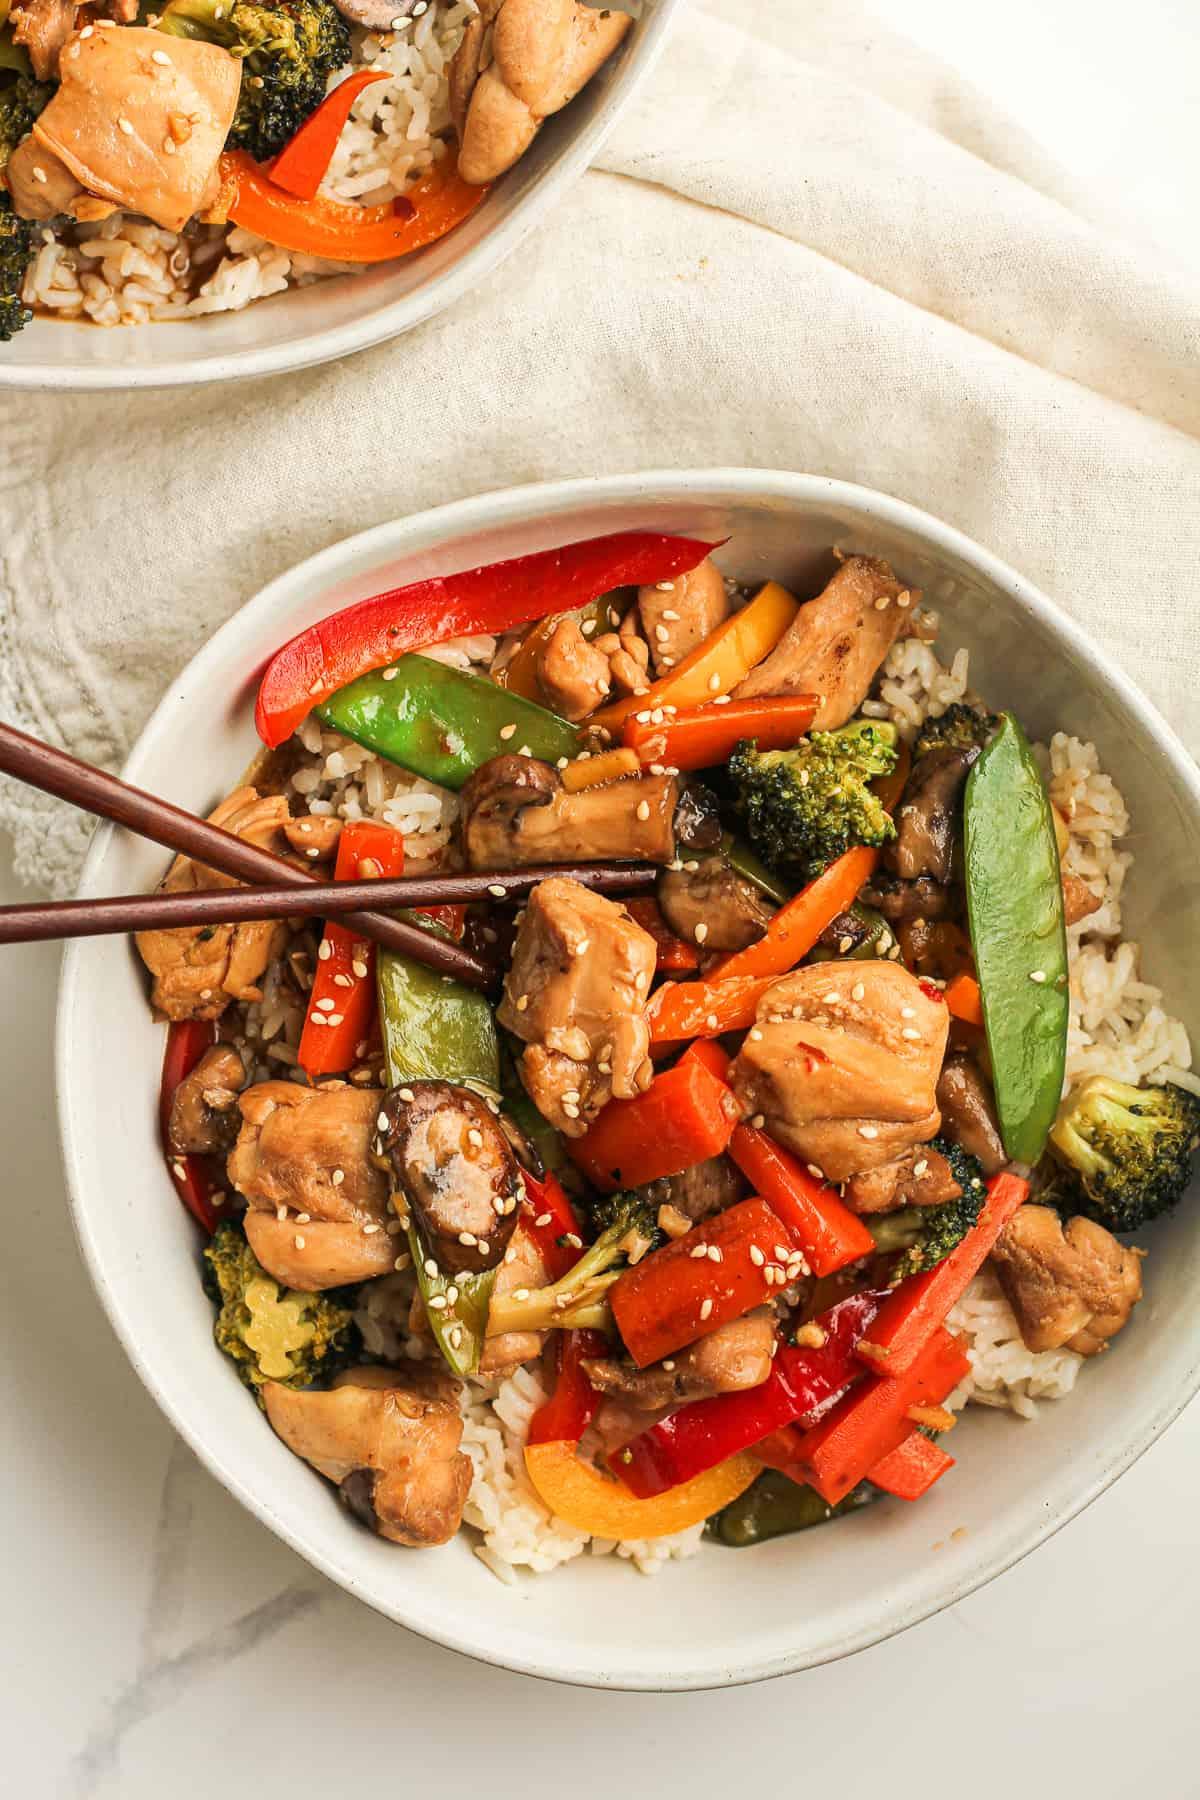 Chicken Vegetable Stir Fry Recipe